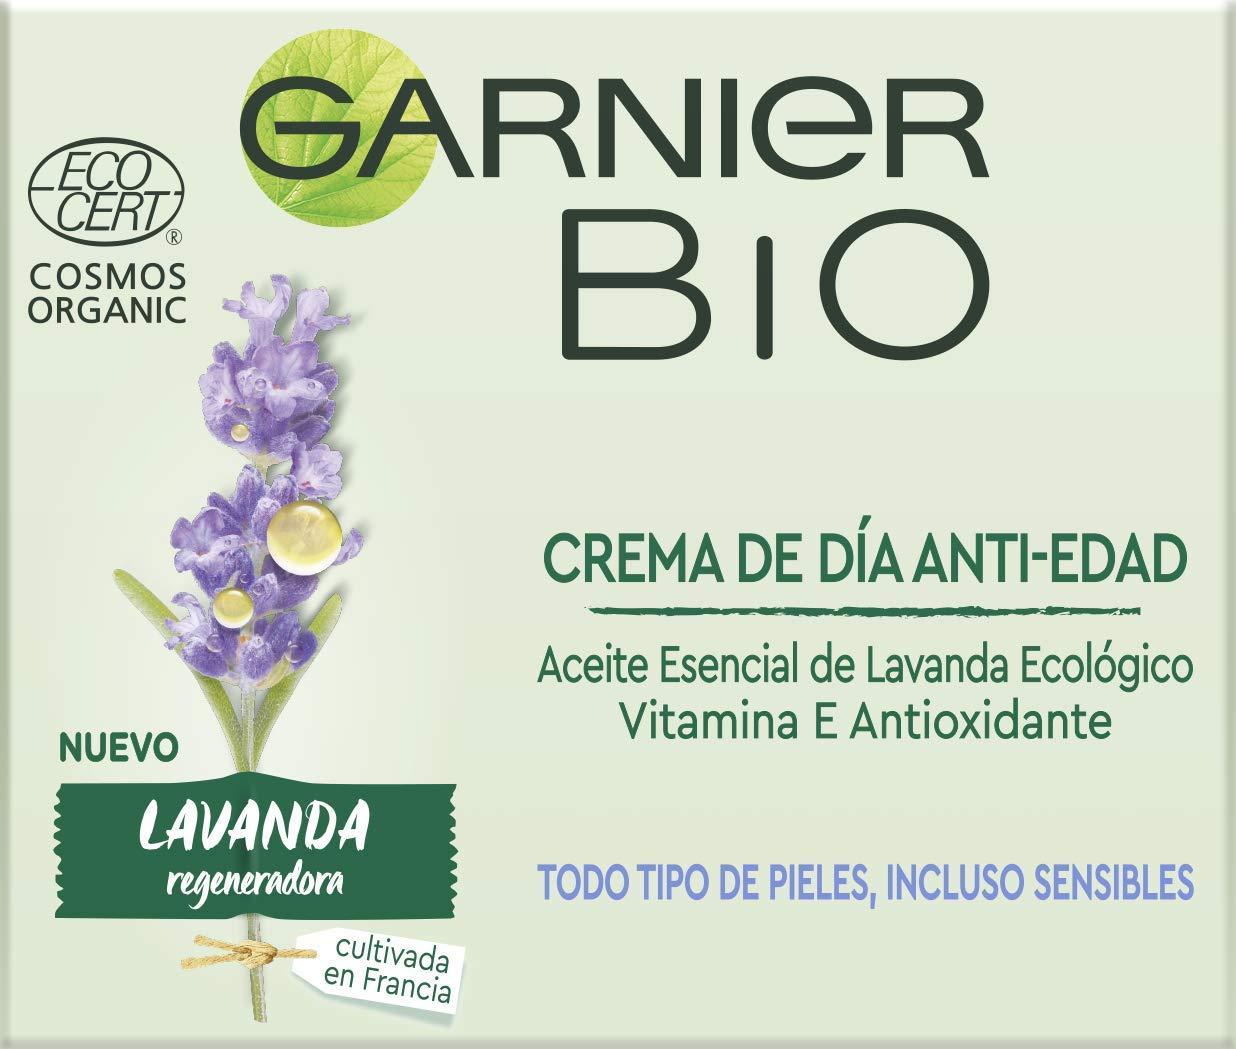 Garnier Bio Crema Anti Edad Regeneradora Aceite Esencial Lavanda y Argán Ecológicos y Vitamina E – 50 ml